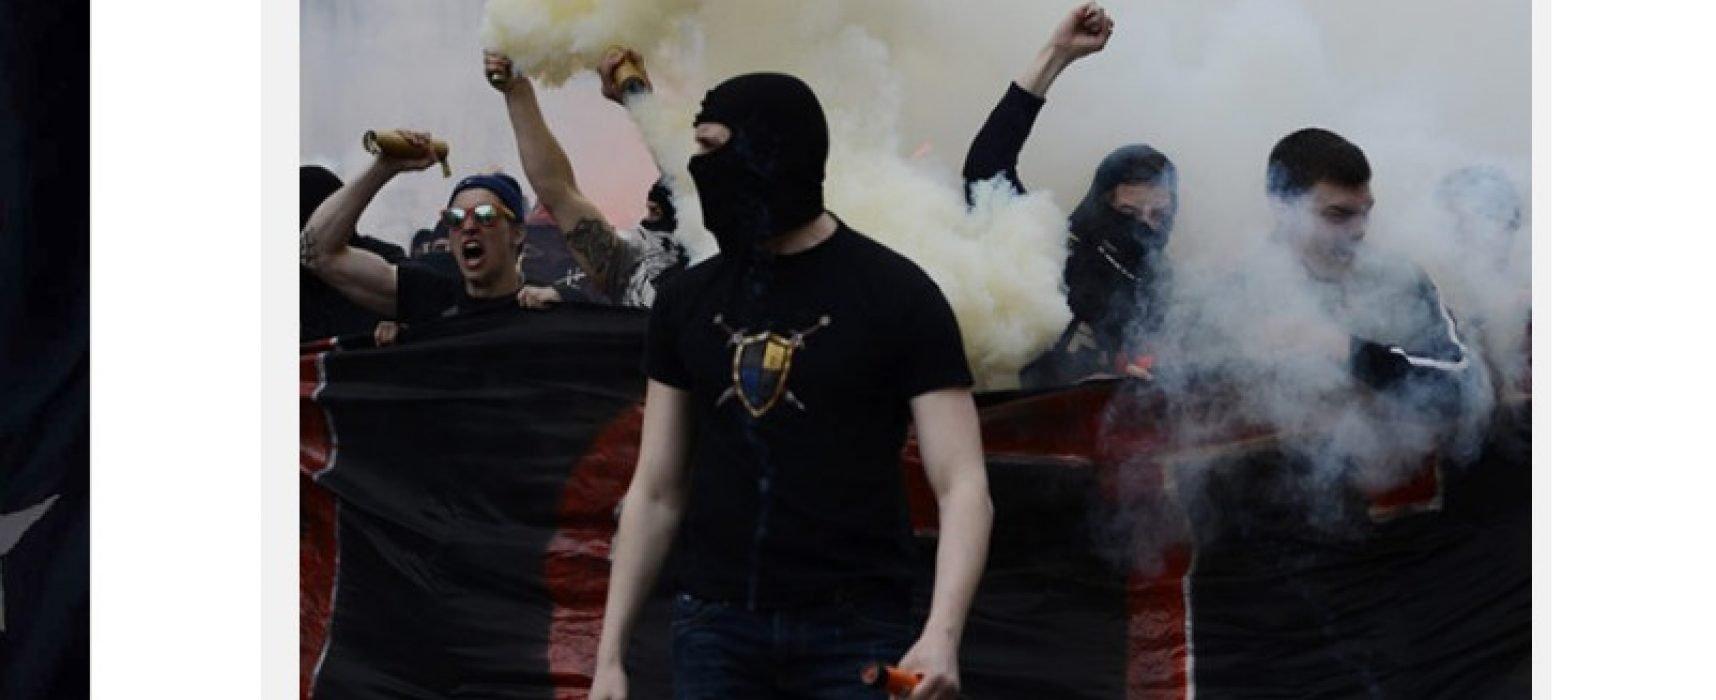 «Правый сектор» и Моссад обвинили в причастности к беспорядкам в Марселе